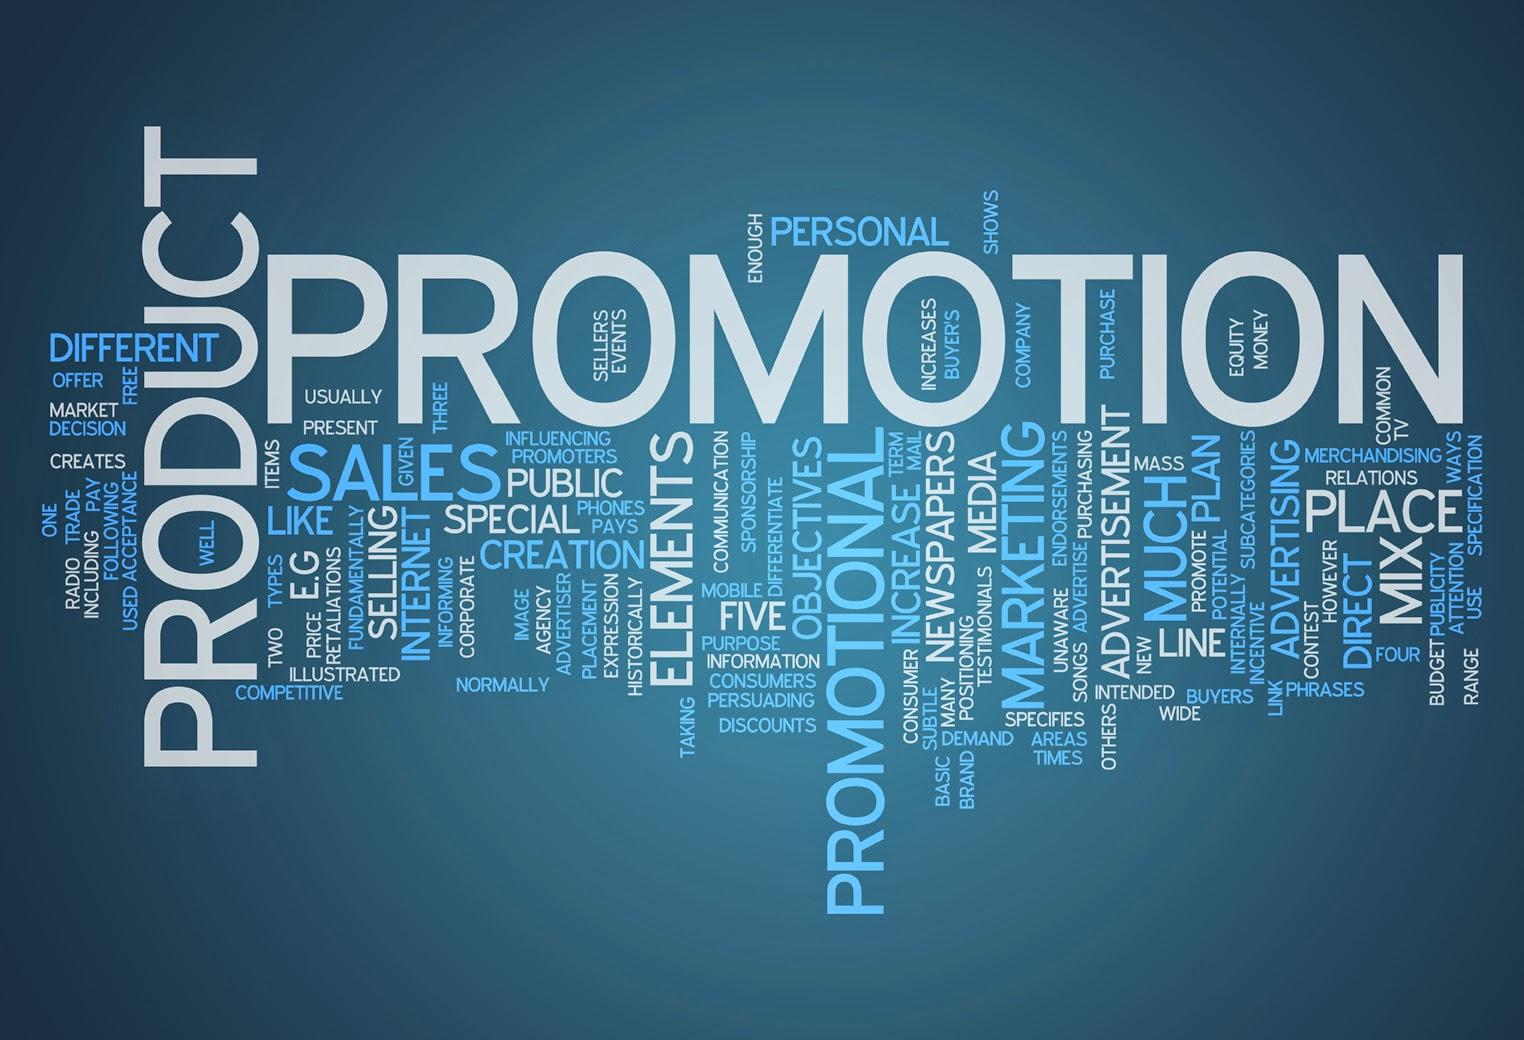 Top 5 Contoh Kata Kalimat Promosi Yang Tepat Digunakan Saat Menjual Produk Analisa Usaha